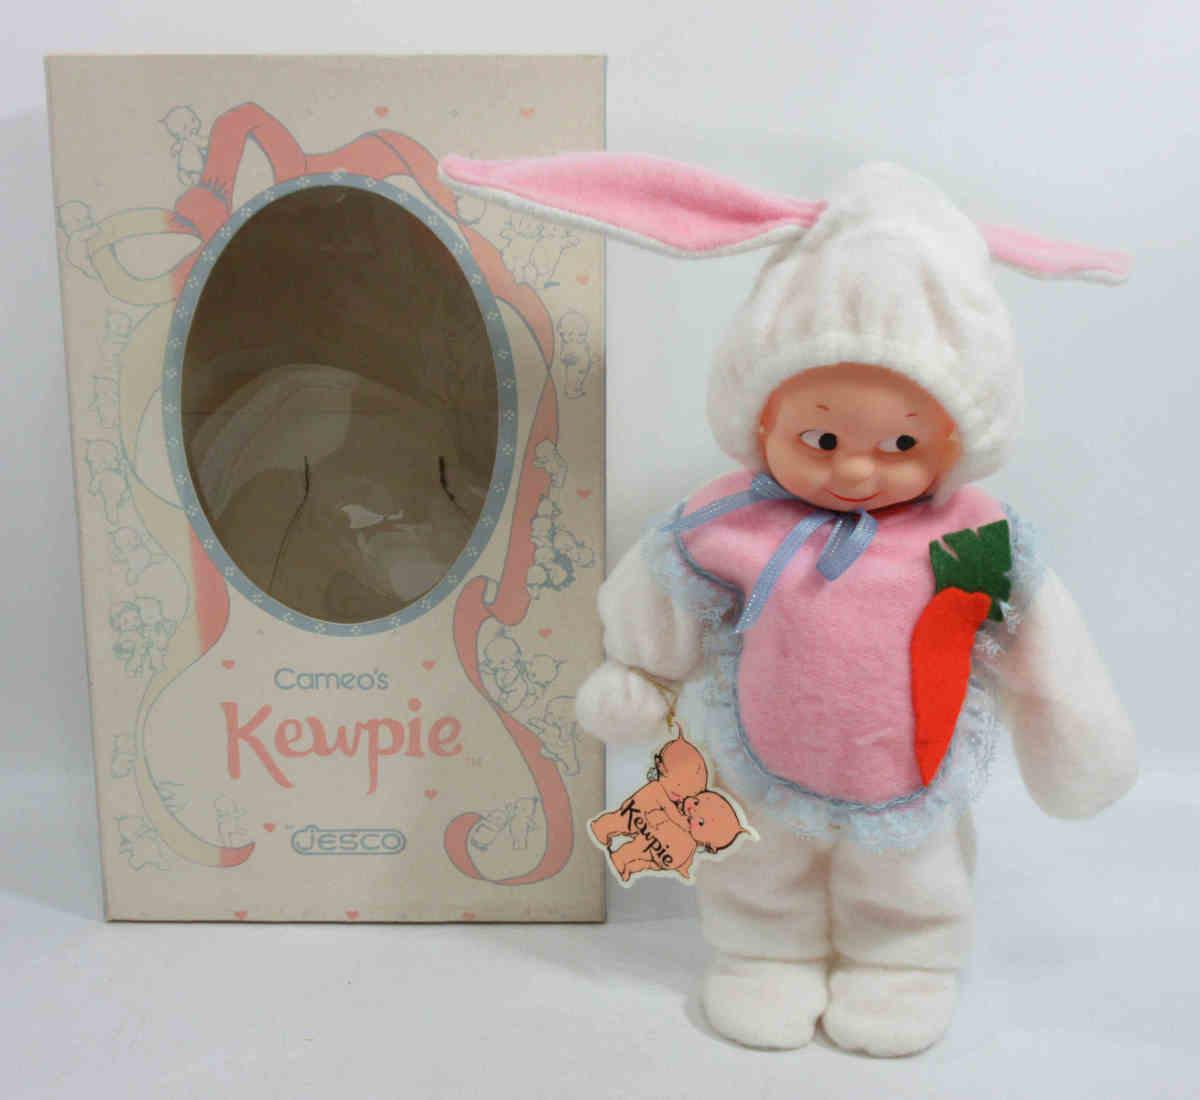 ★JESCO社 KEWPIE キューピー 28cm うさぎさん 元箱付 カメオ 5ジョイント ドール 人形 j81